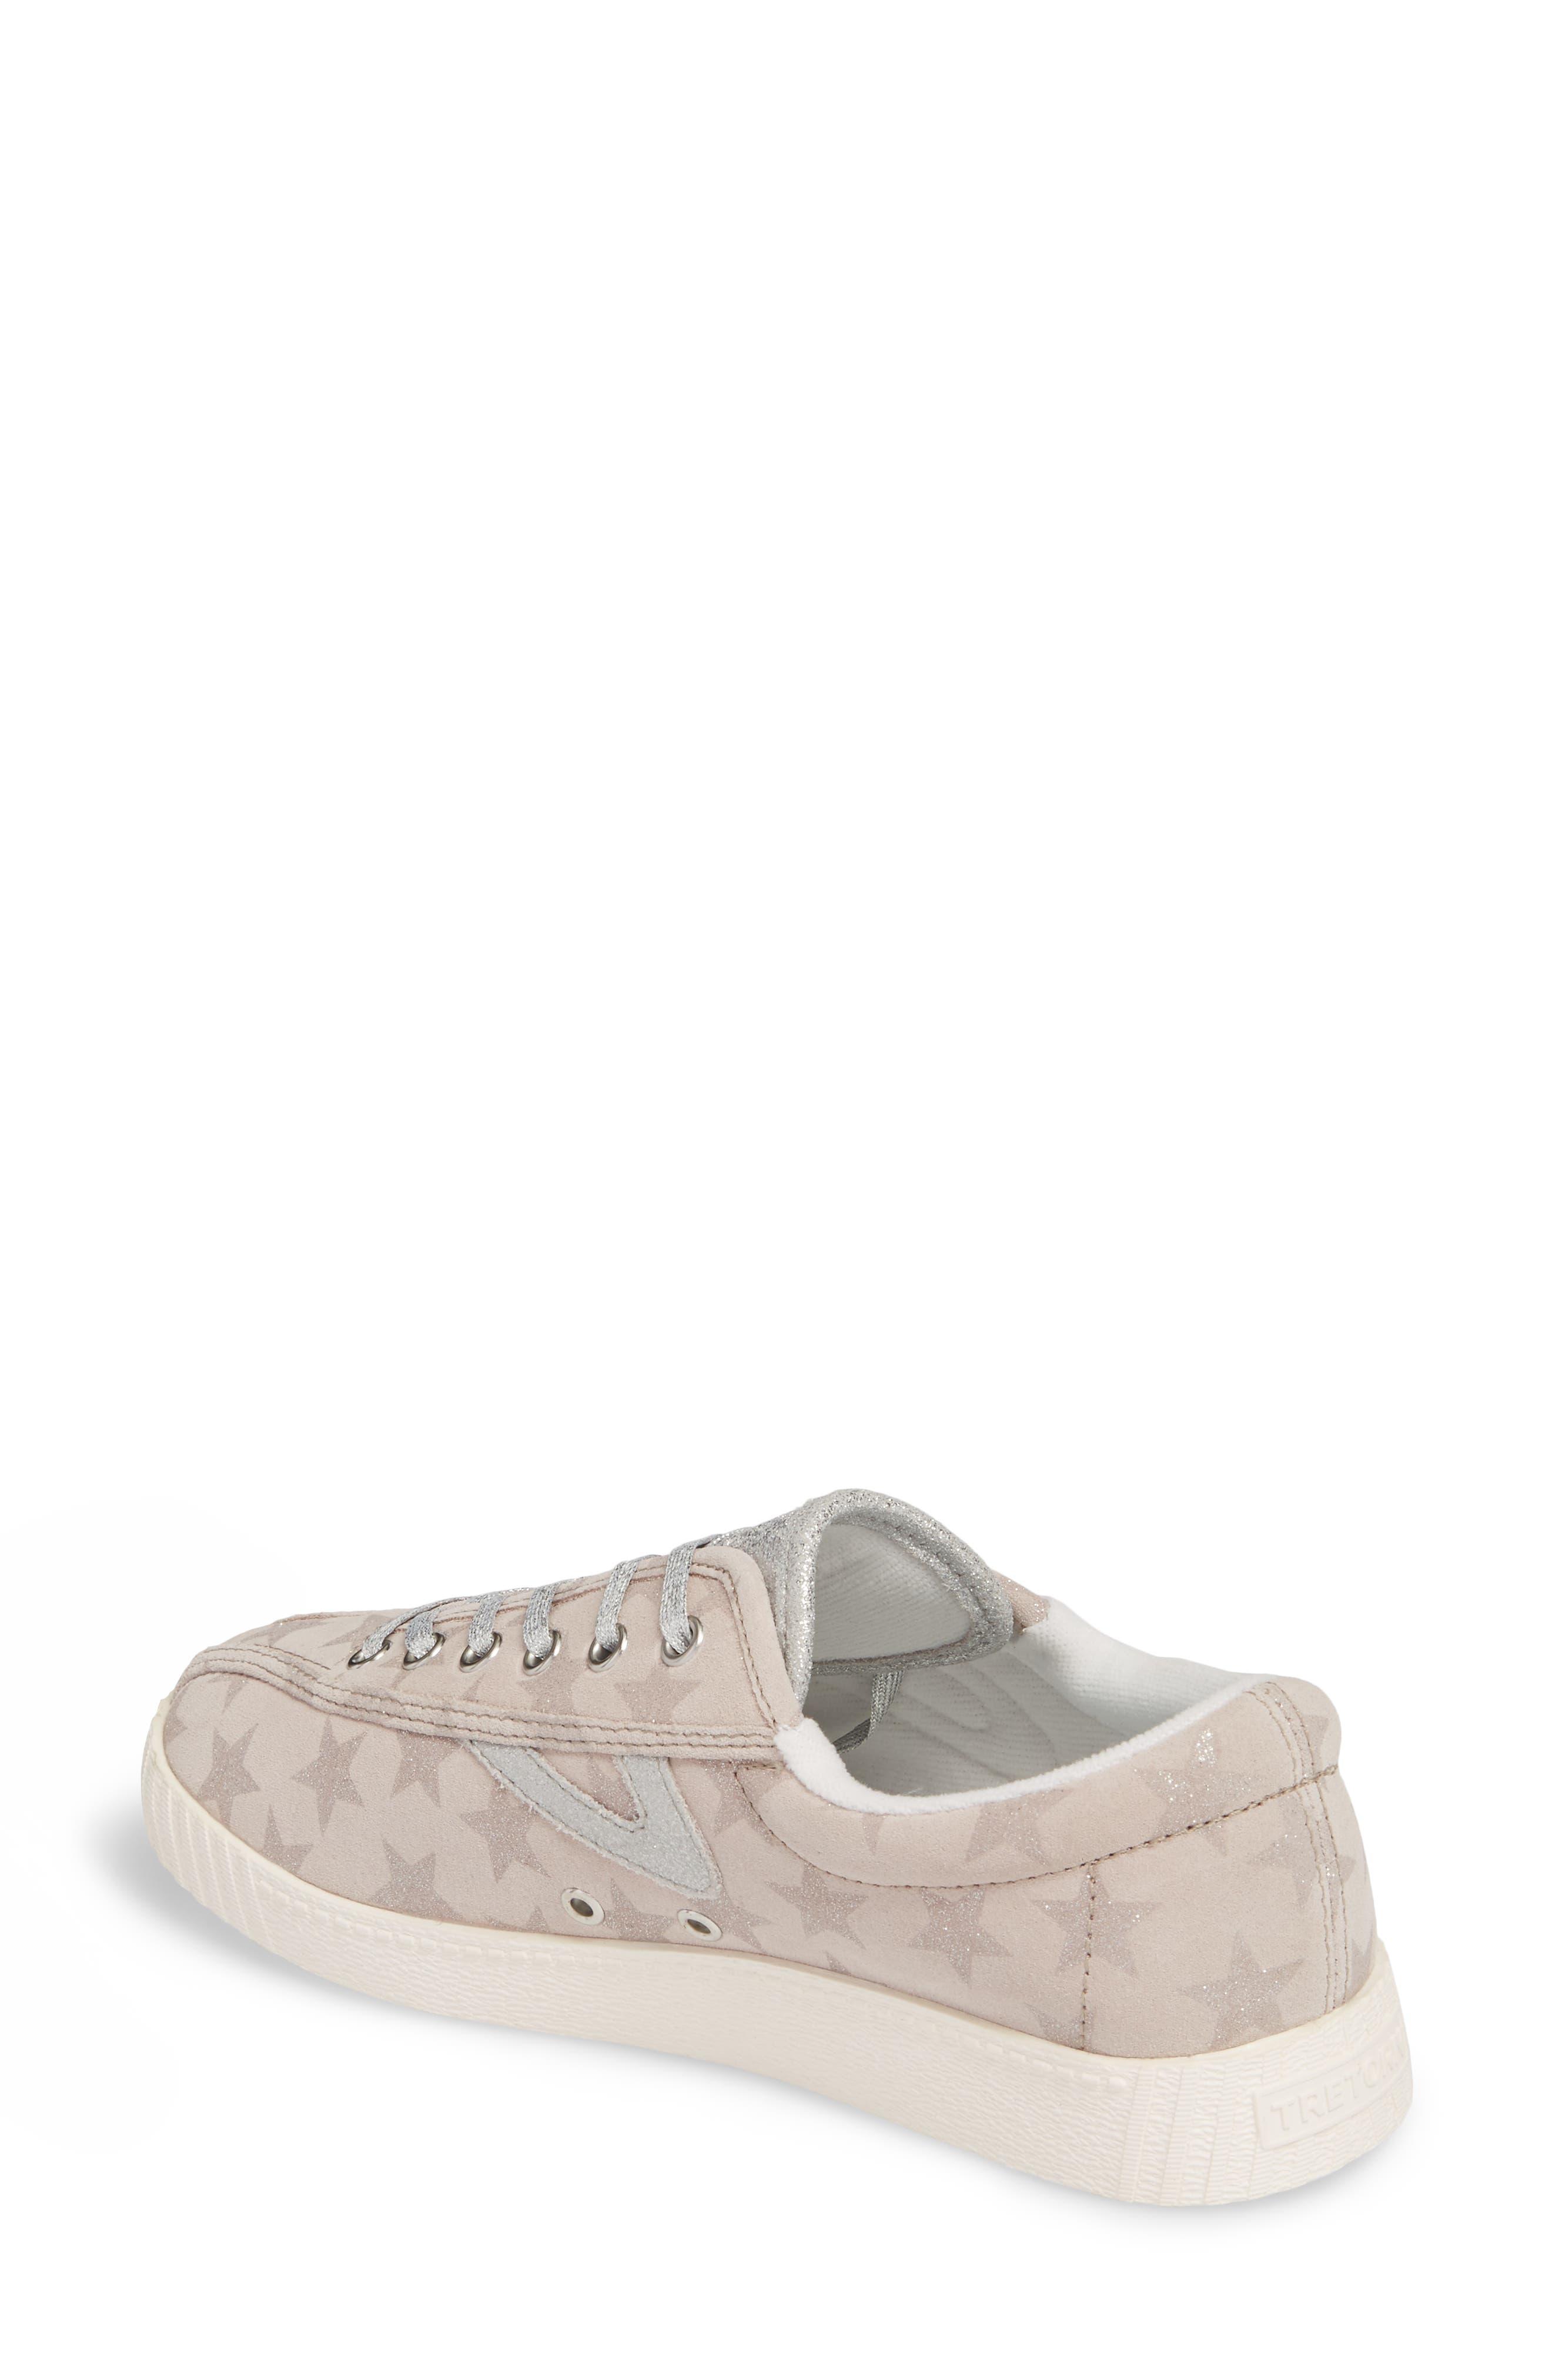 Alternate Image 2  - Tretorn Star Sneaker (Women)